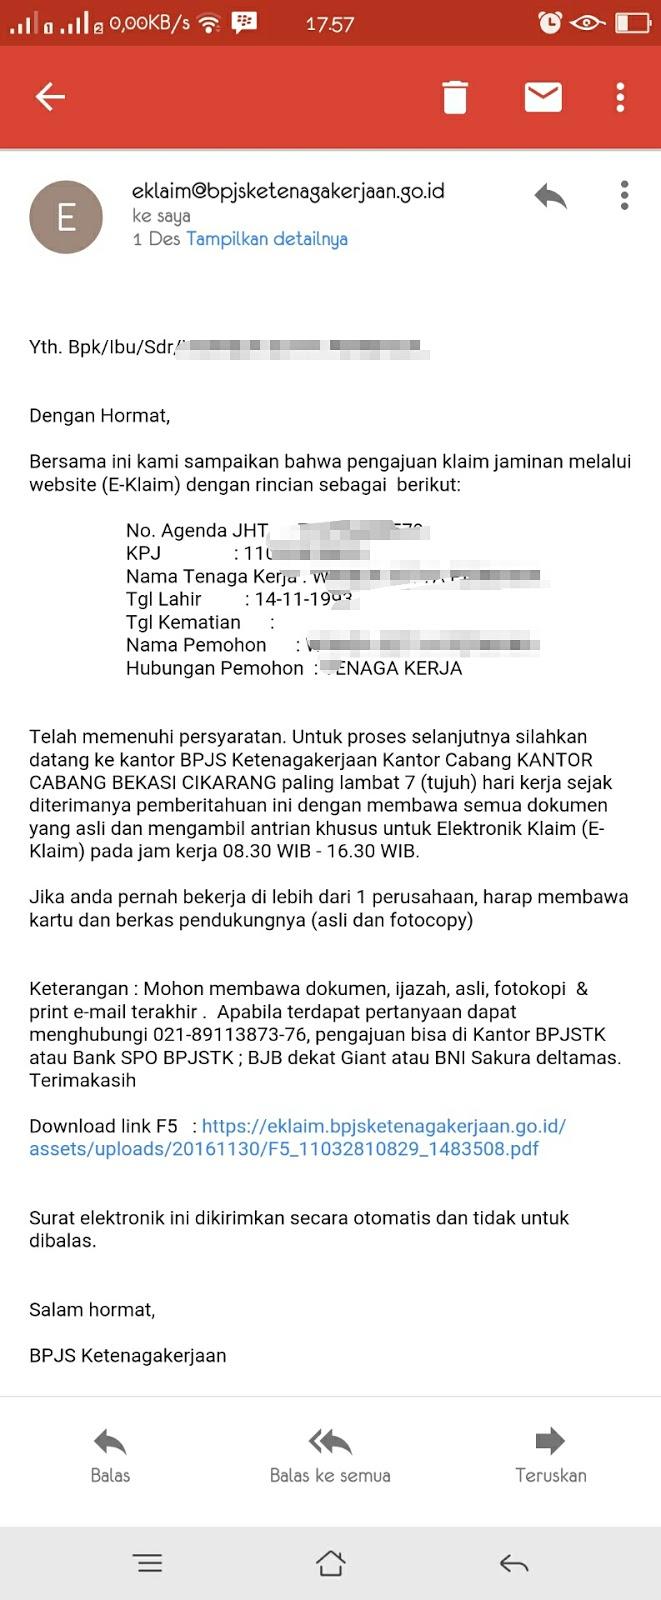 Perorangan pdf bpjs formulir